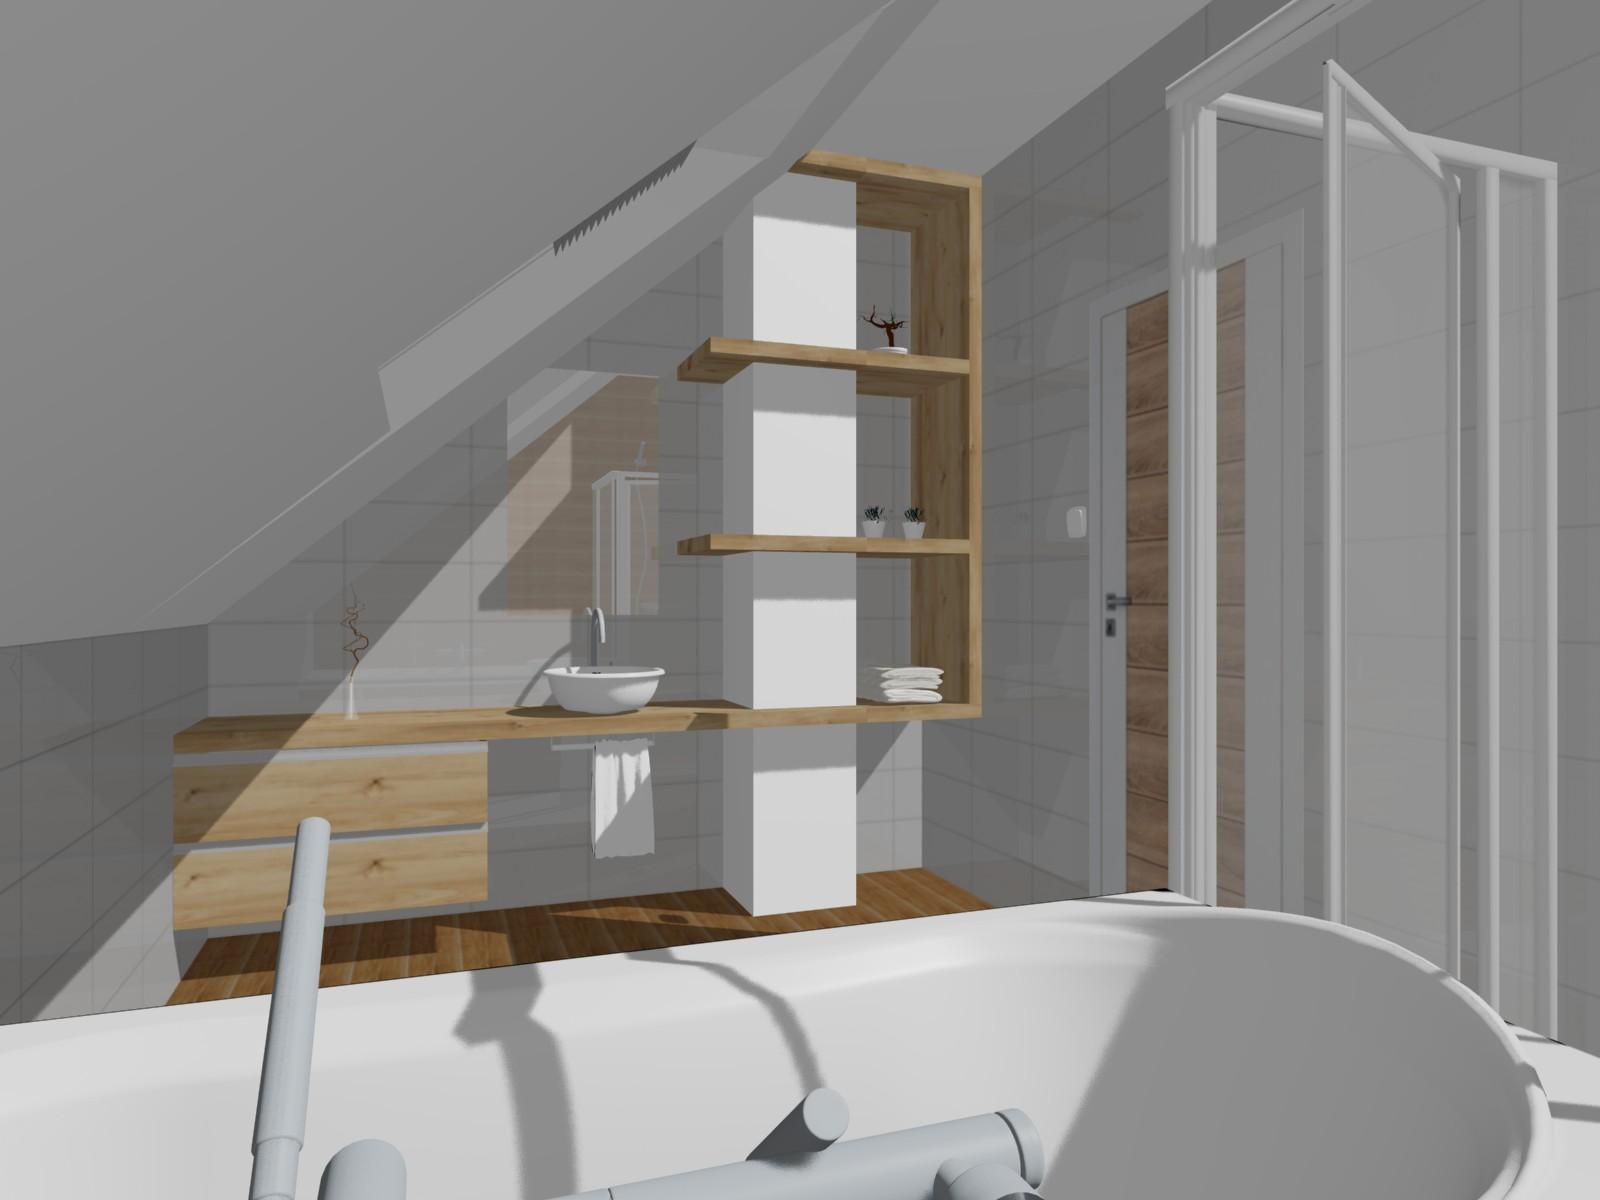 Grafické návrhy pro inspiraci 4 - Obrázek č. 172